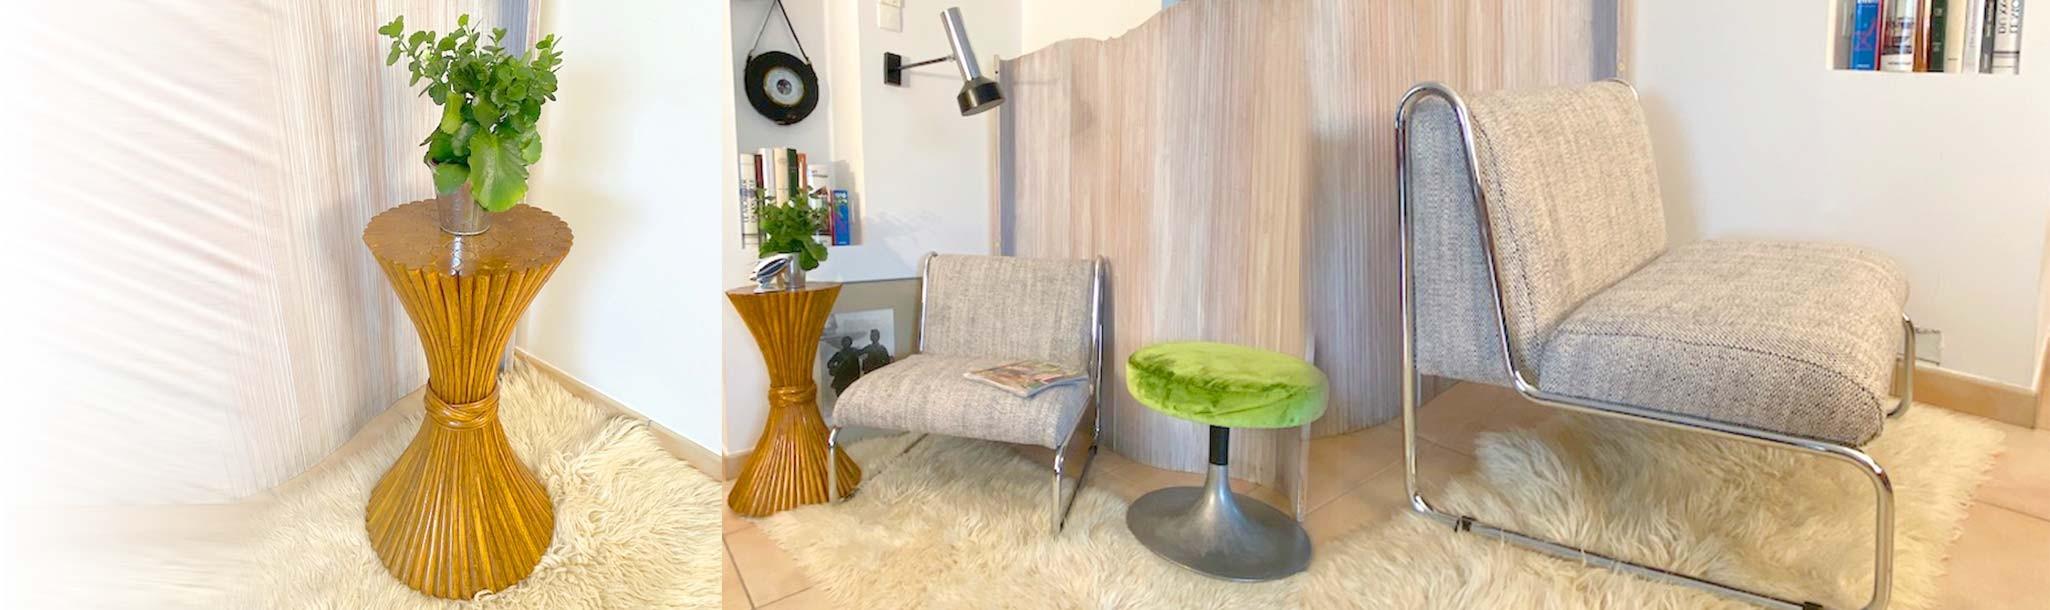 Relooking meuble sur mesure